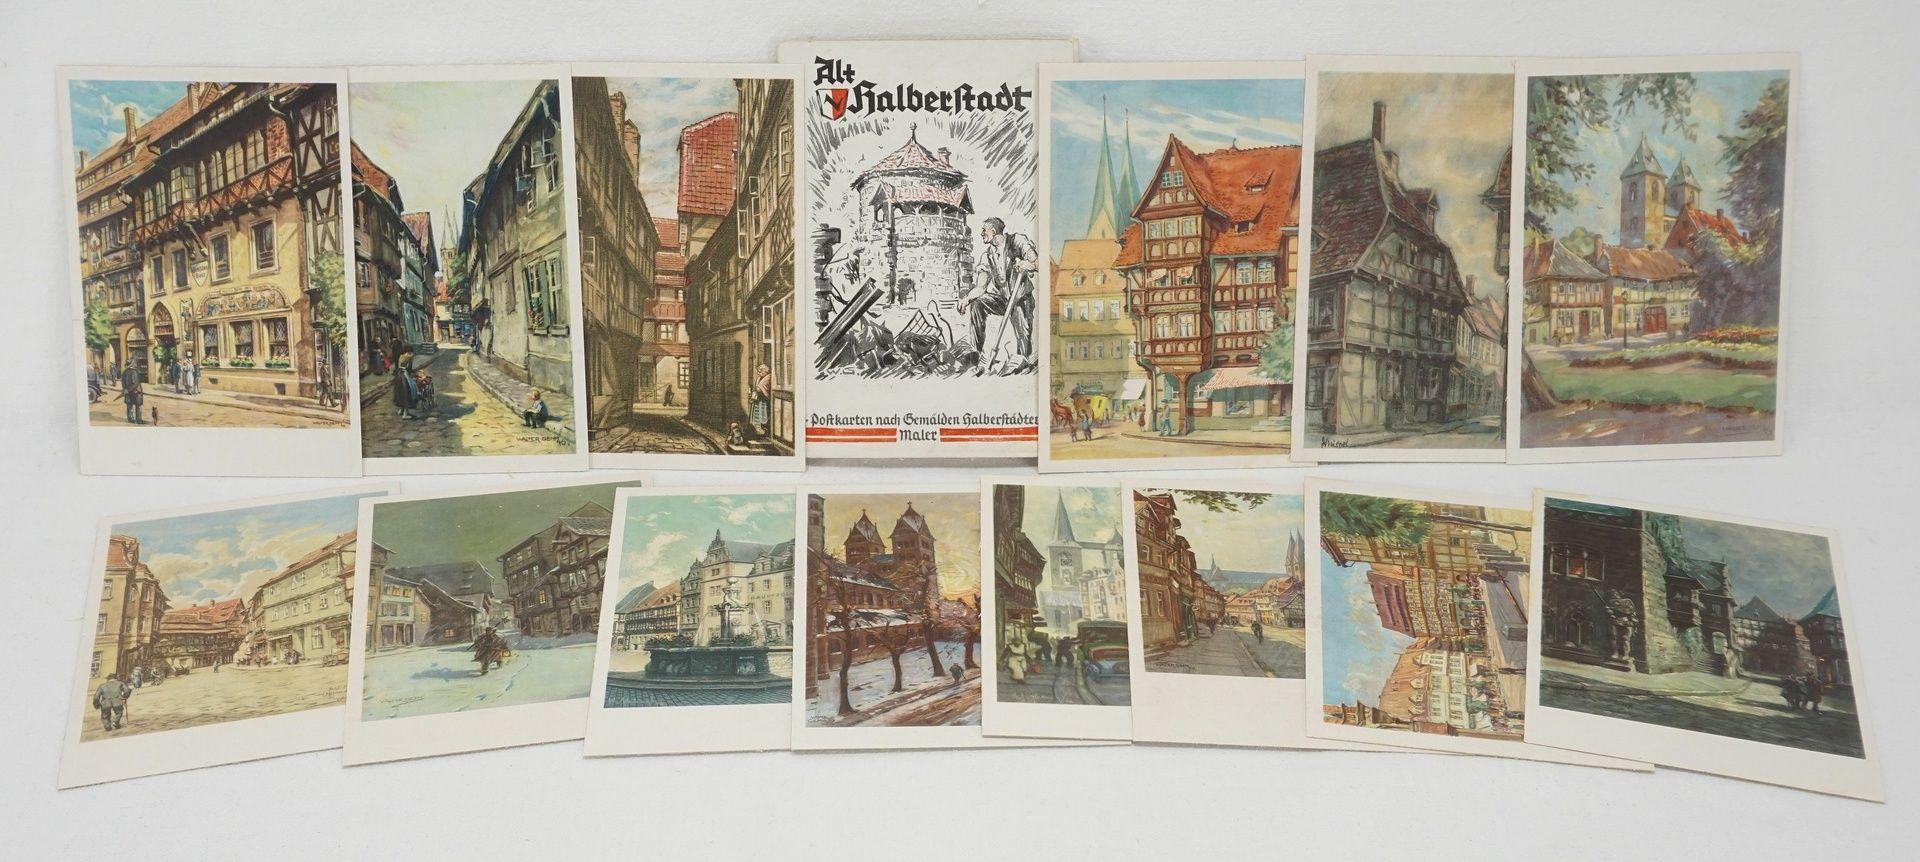 Kunstdruckmappe und Postkarten, Halberstadt am Harz - Bild 7 aus 7